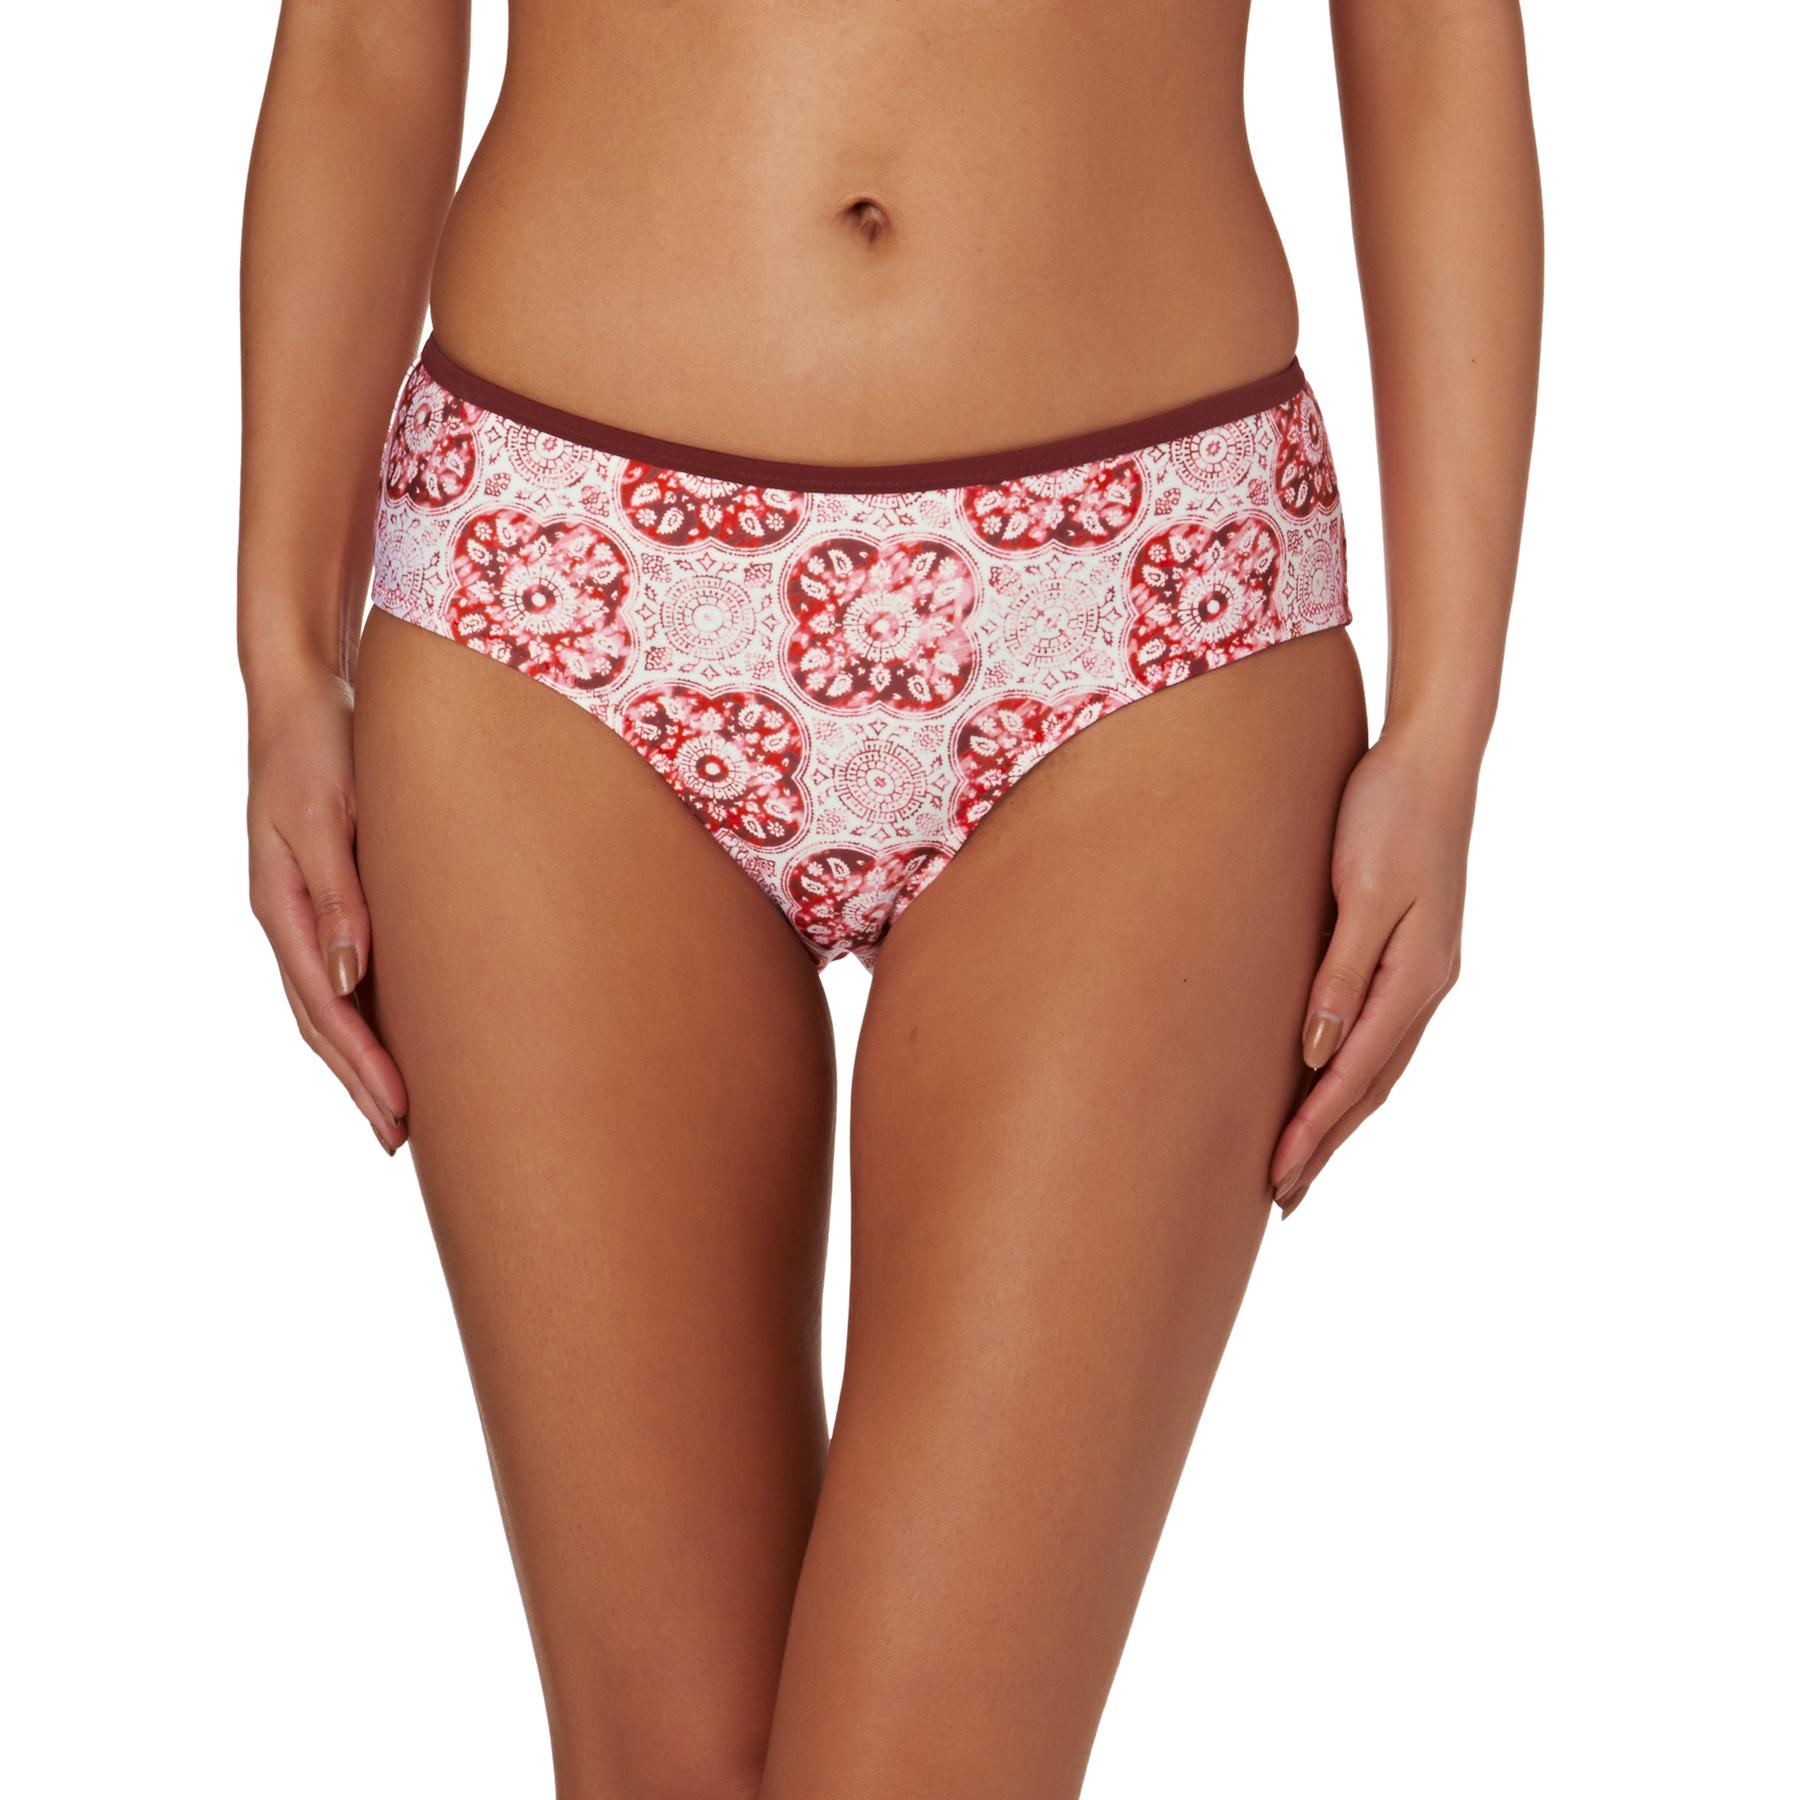 Minkpink Womens Mamba Orange Hipster Beachwear Bikini Swim Bottom M BHFO 1546